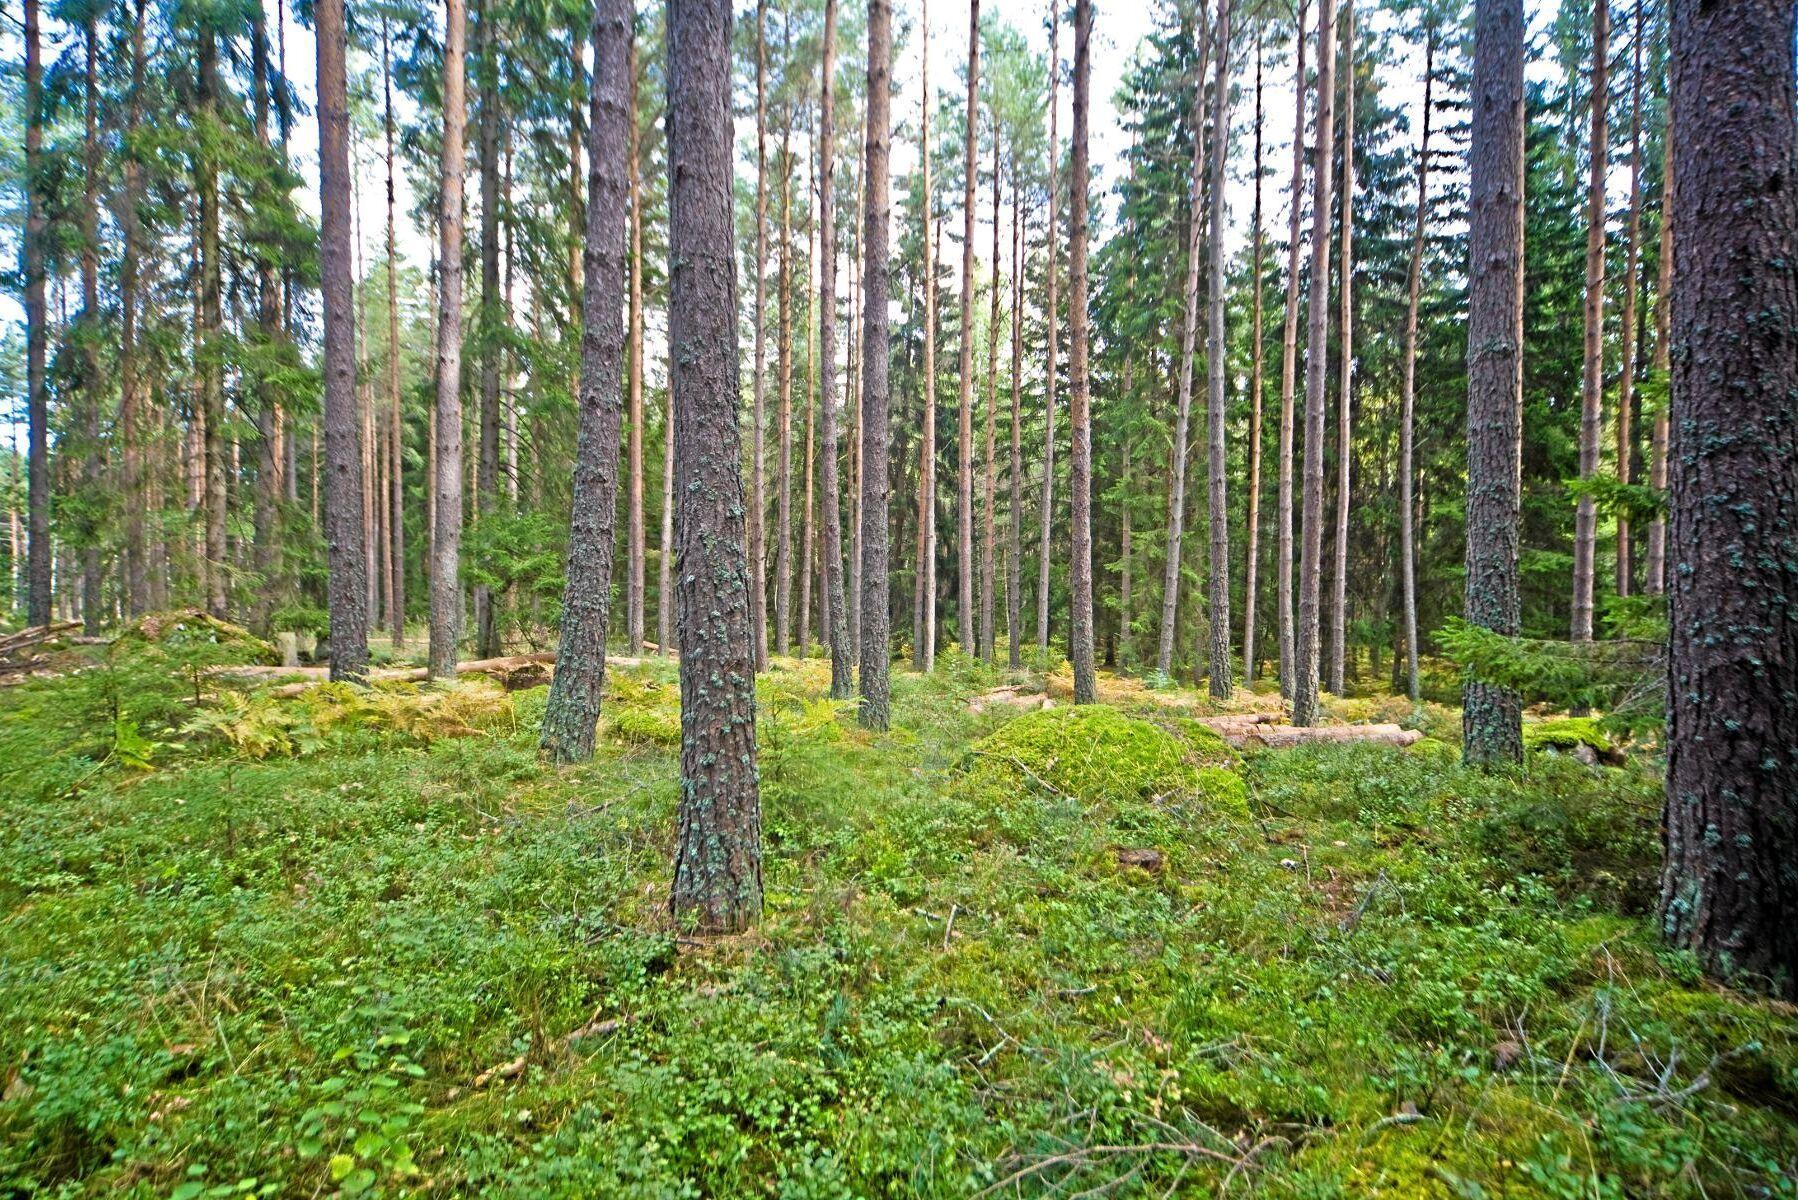 I en tallskog är det alltid ljusare än i en granskog, oavsett ålder. Det ger mer bärris som viltbete på marken.